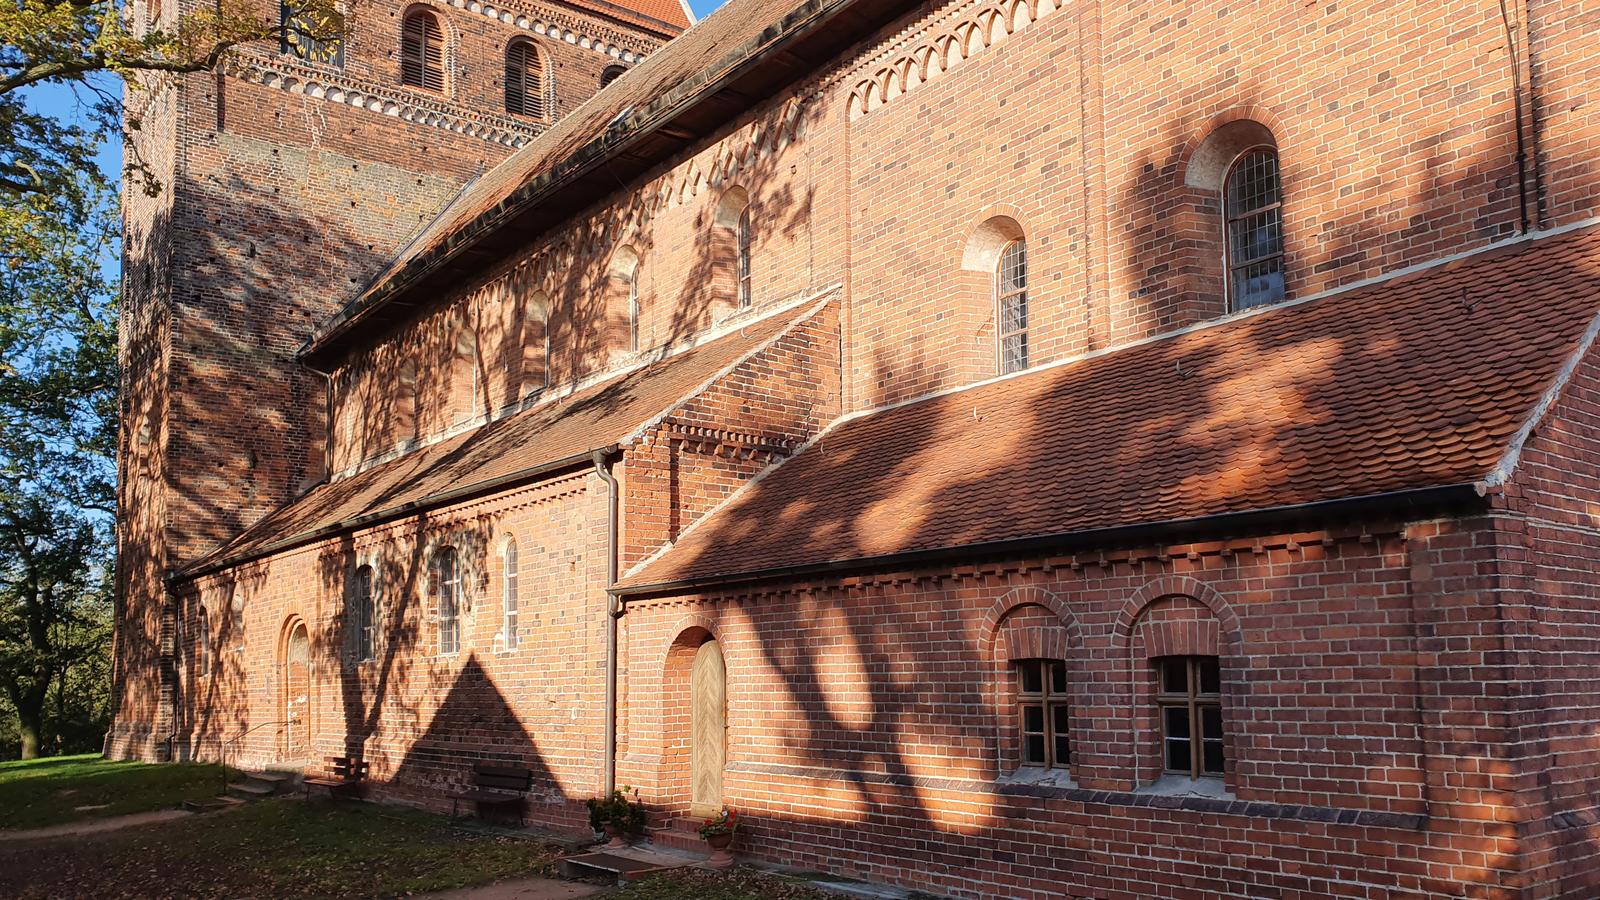 Die Kirche von Schönhausen an der Straße der Romanik ist eine unglaublich interessante Sehenswürdigkeit der Altmark.